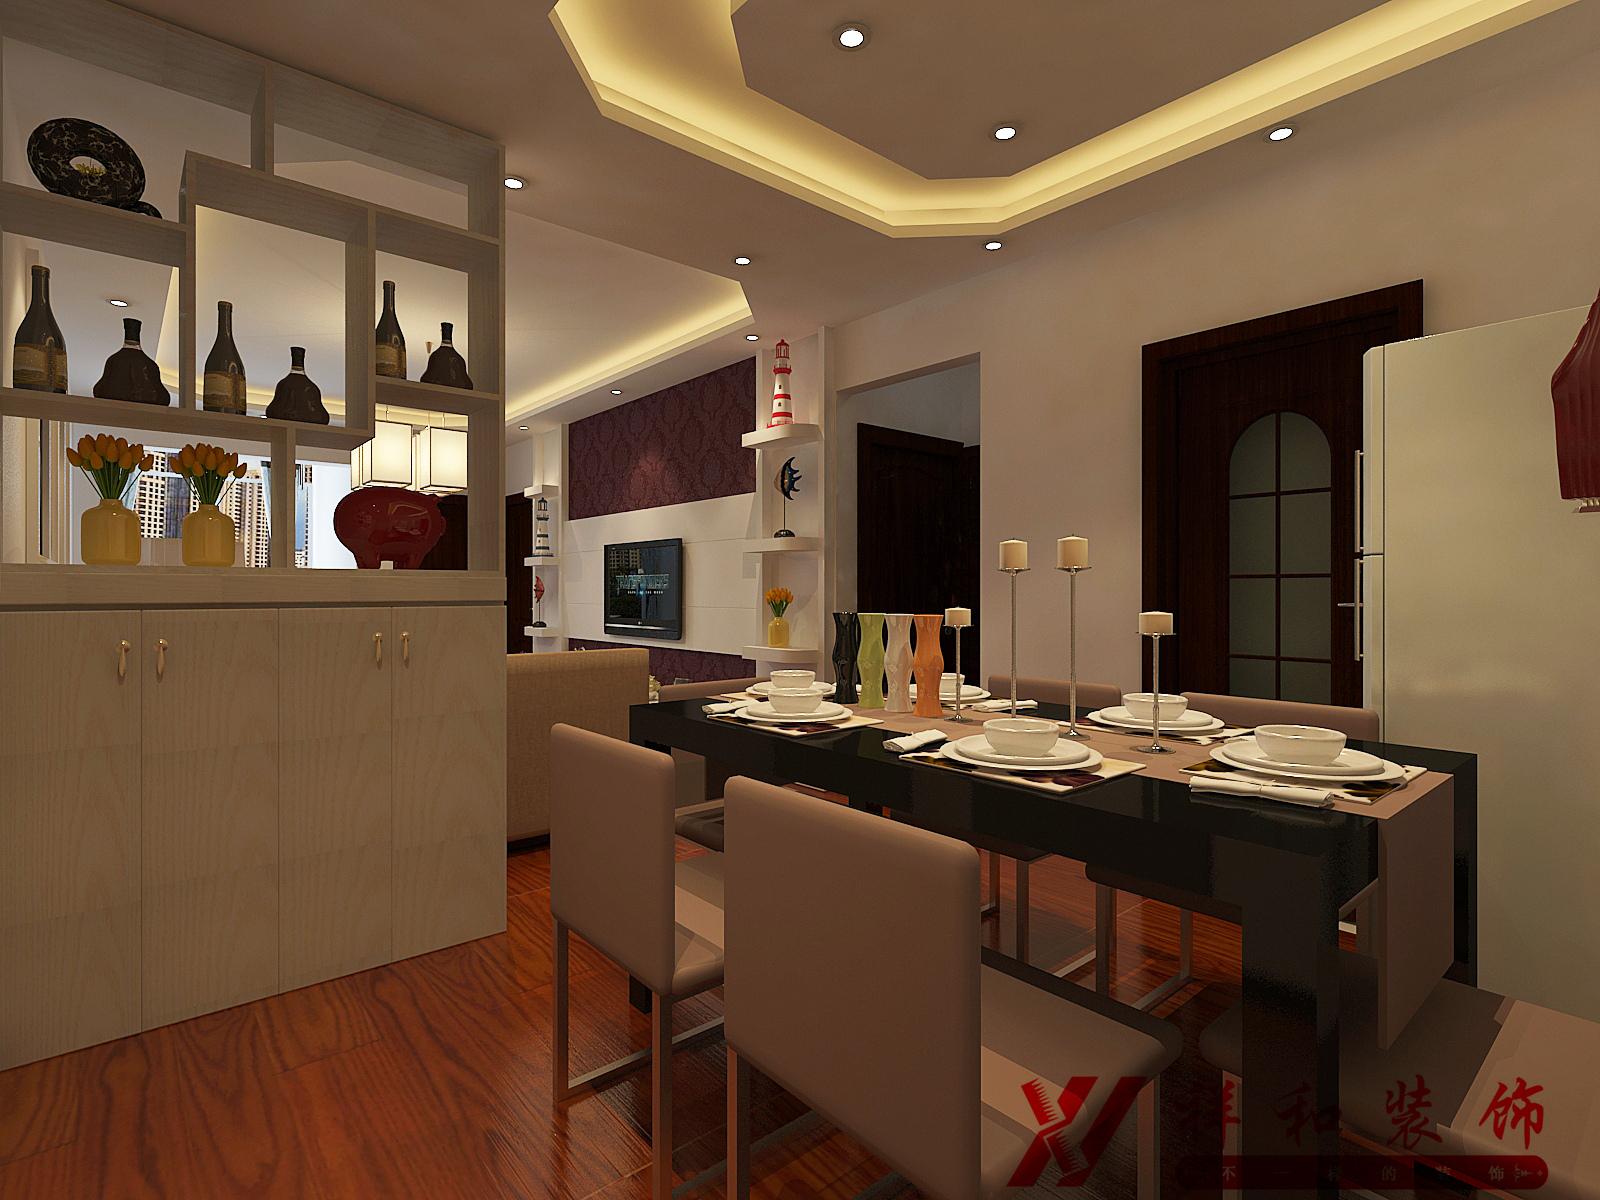 混搭 三居 80后 中式 餐厅图片来自贵阳祥和装饰在【花果园】T1区10栋1单元1808号的分享